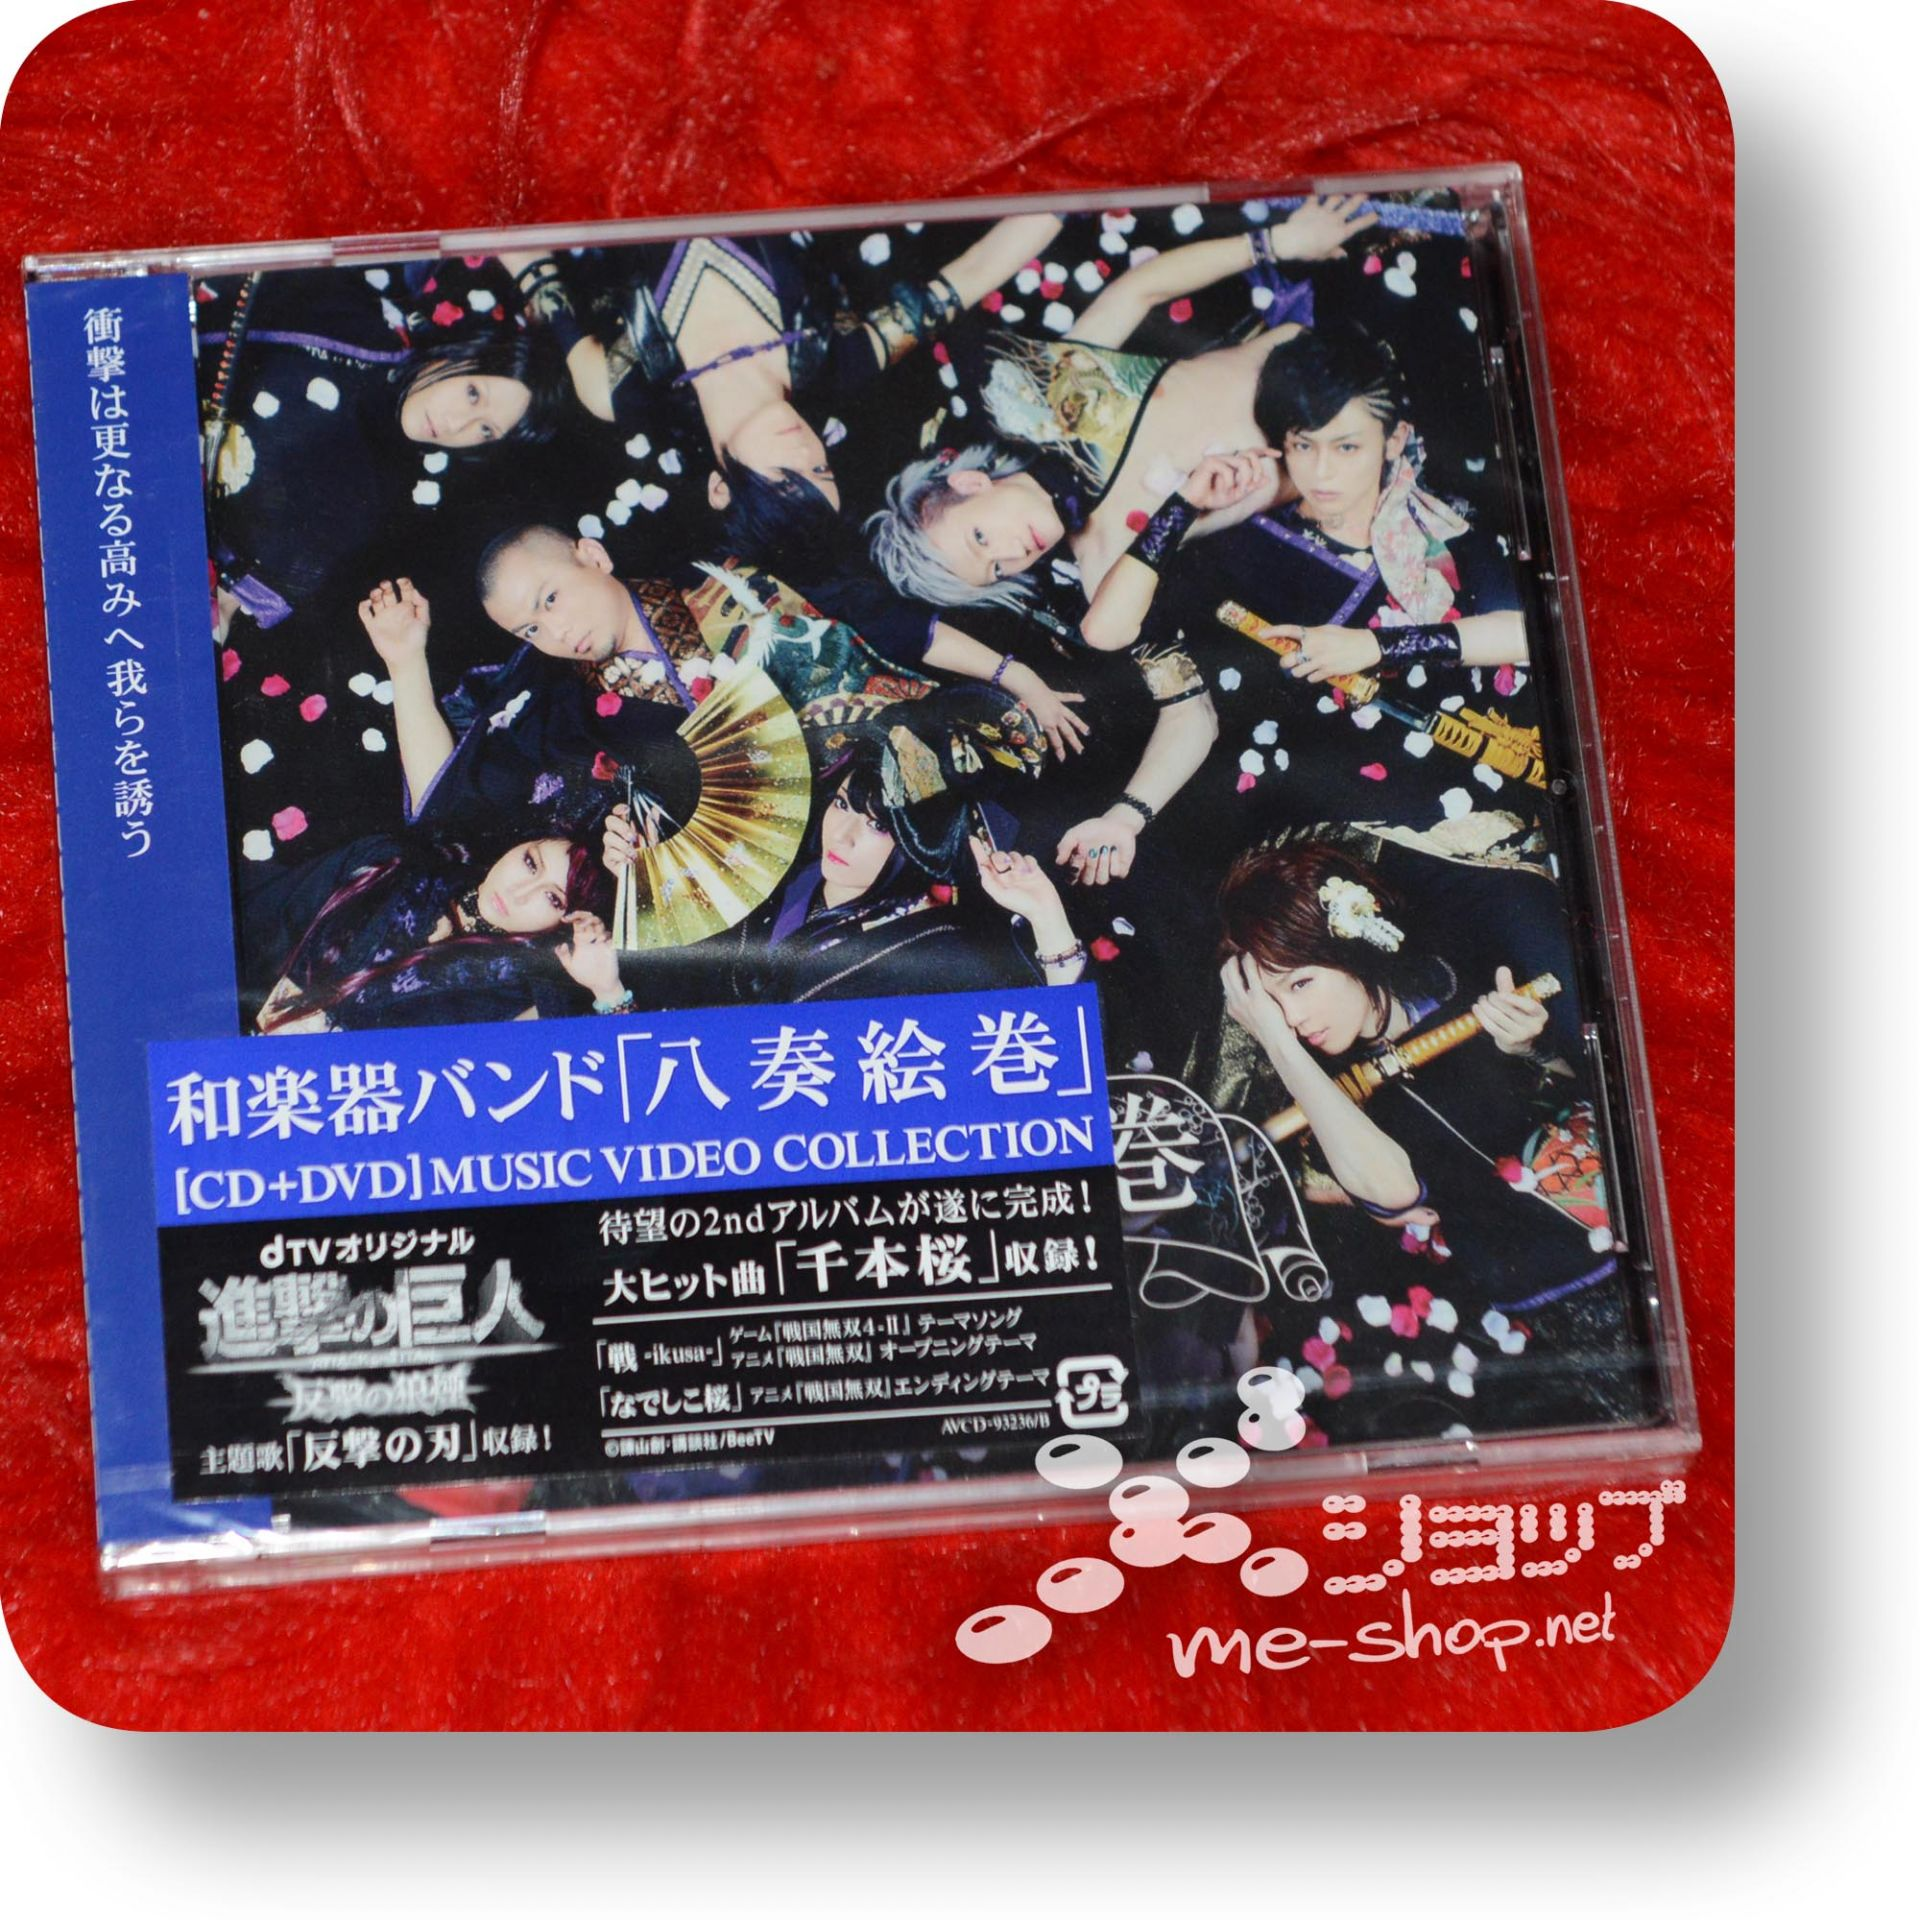 wagakki band yasouemaki cd+dvd music video1